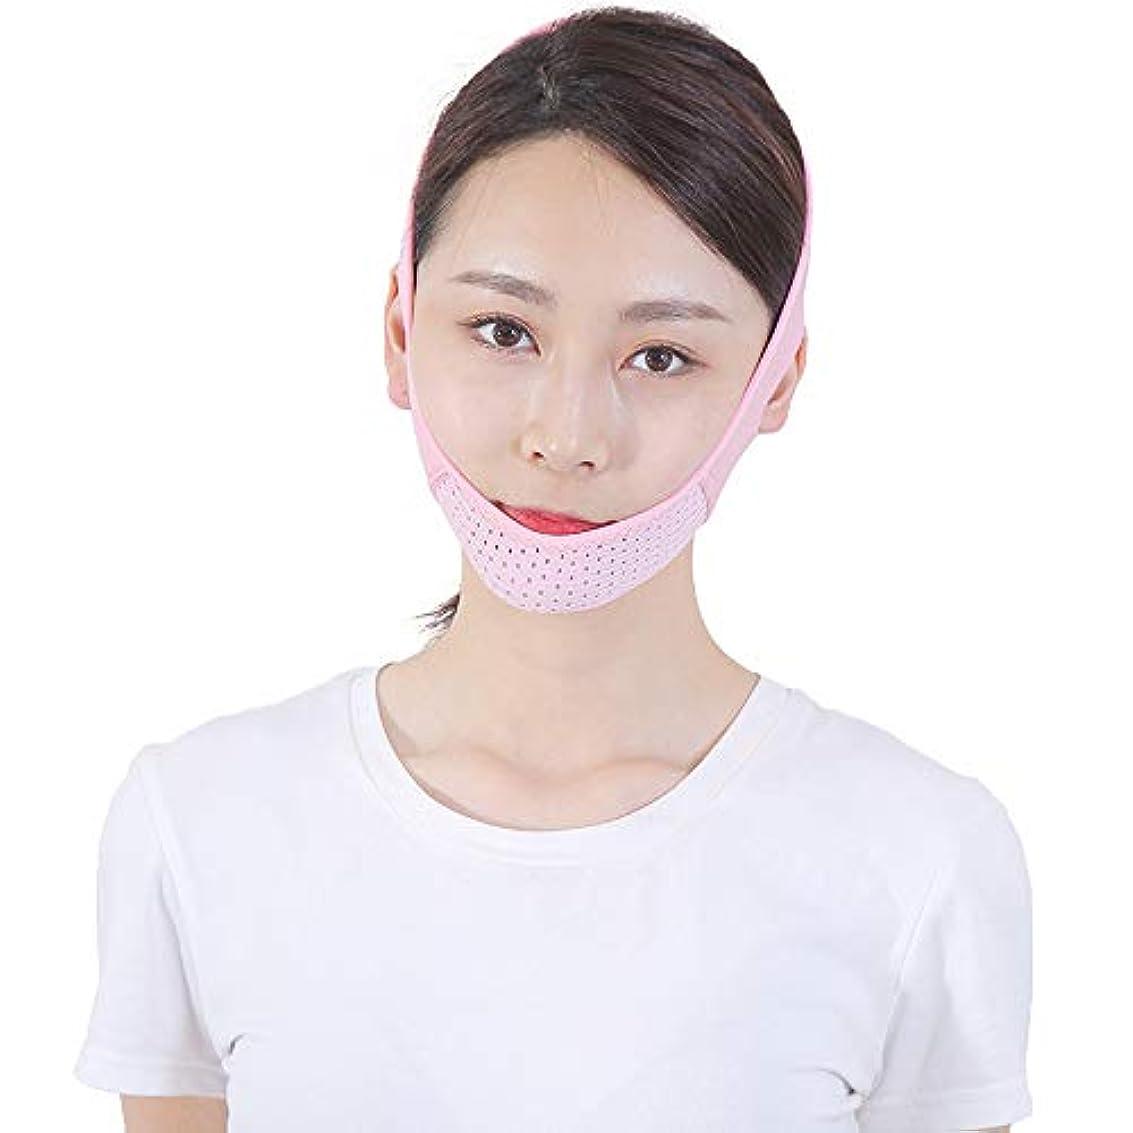 下手学習現実的GYZ フェイシャルリフティング痩身ベルトフェイススリムゲットダブルチンアンチエイジングリンクルフェイスバンデージマスクシェイピングマスク顔を引き締めるダブルチンワークアウト Thin Face Belt